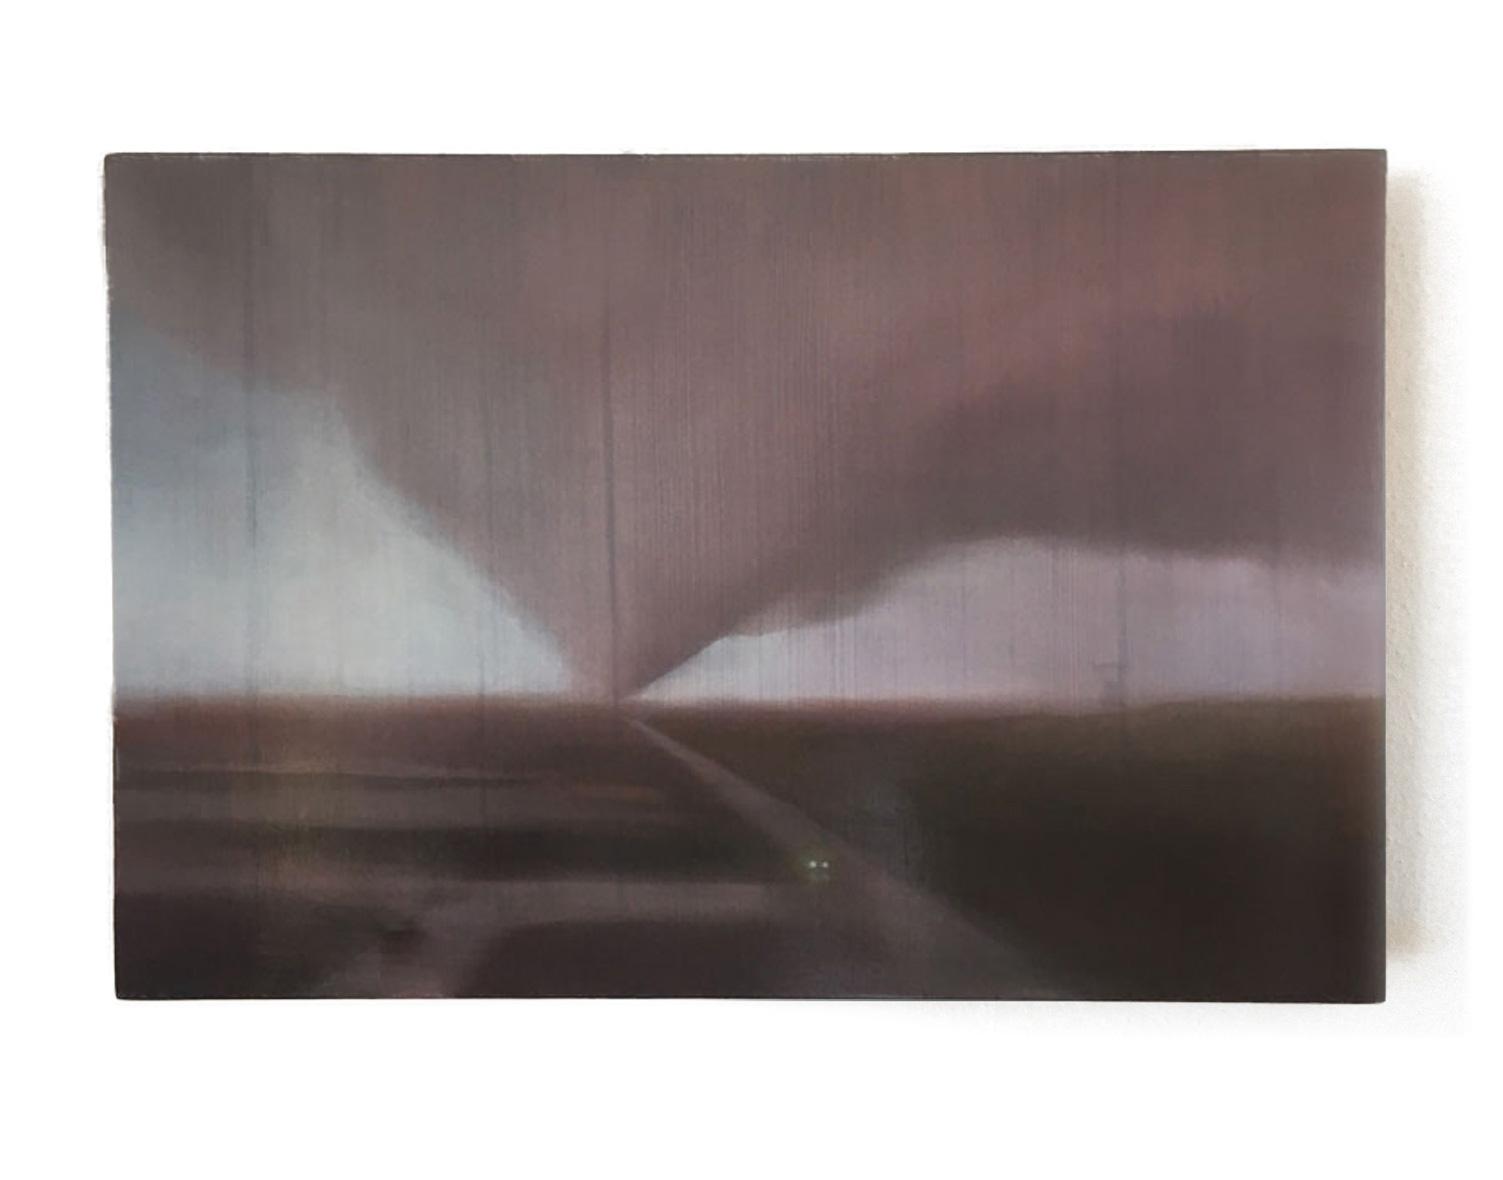 AU#186-2020, 38x38cm, charcoal, gesso, oil on panel